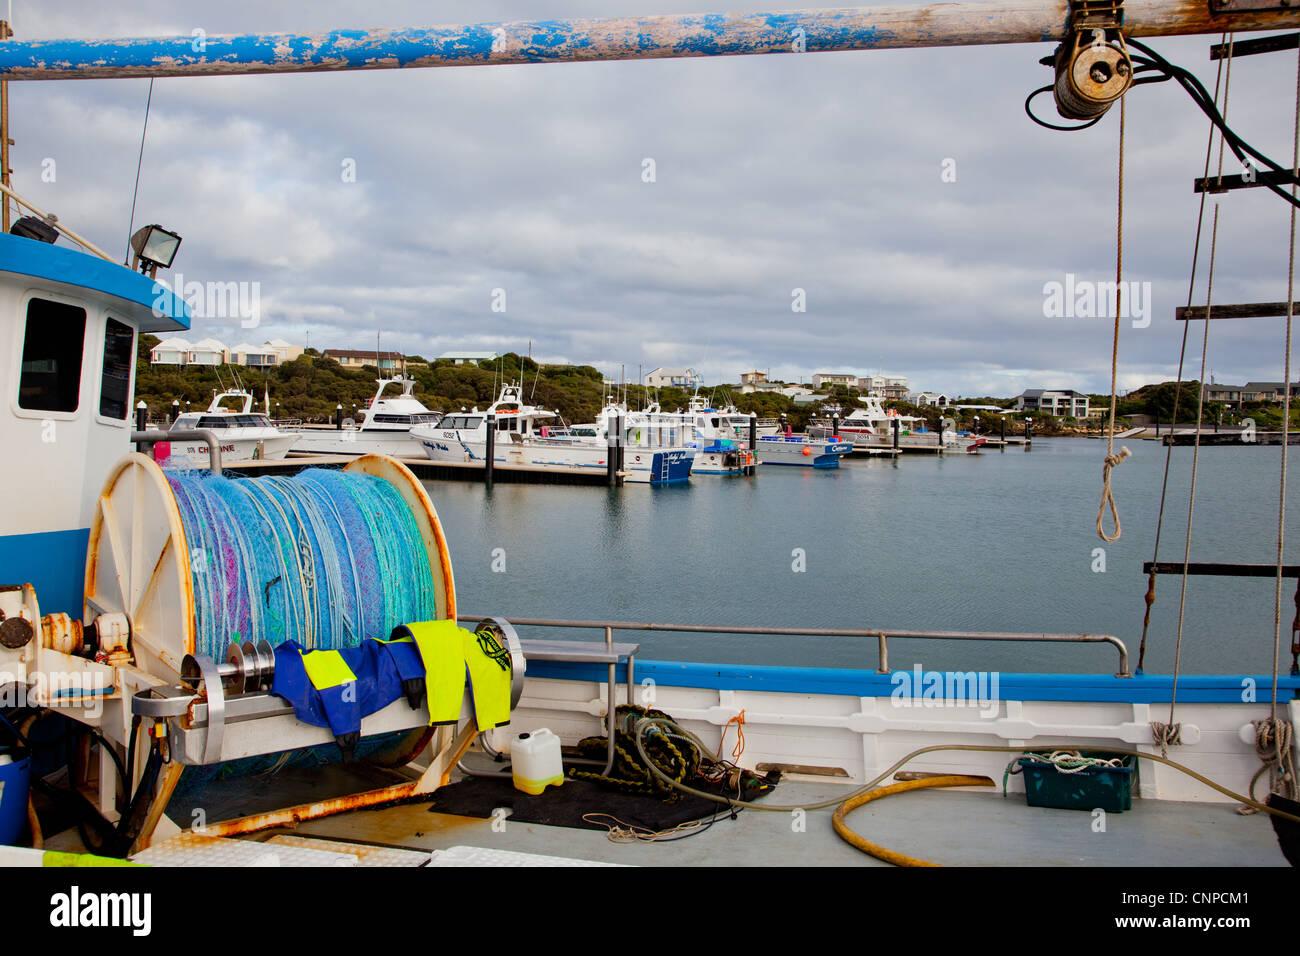 Angelboote/Fischerboote am Gewand. South Australia. Stockbild